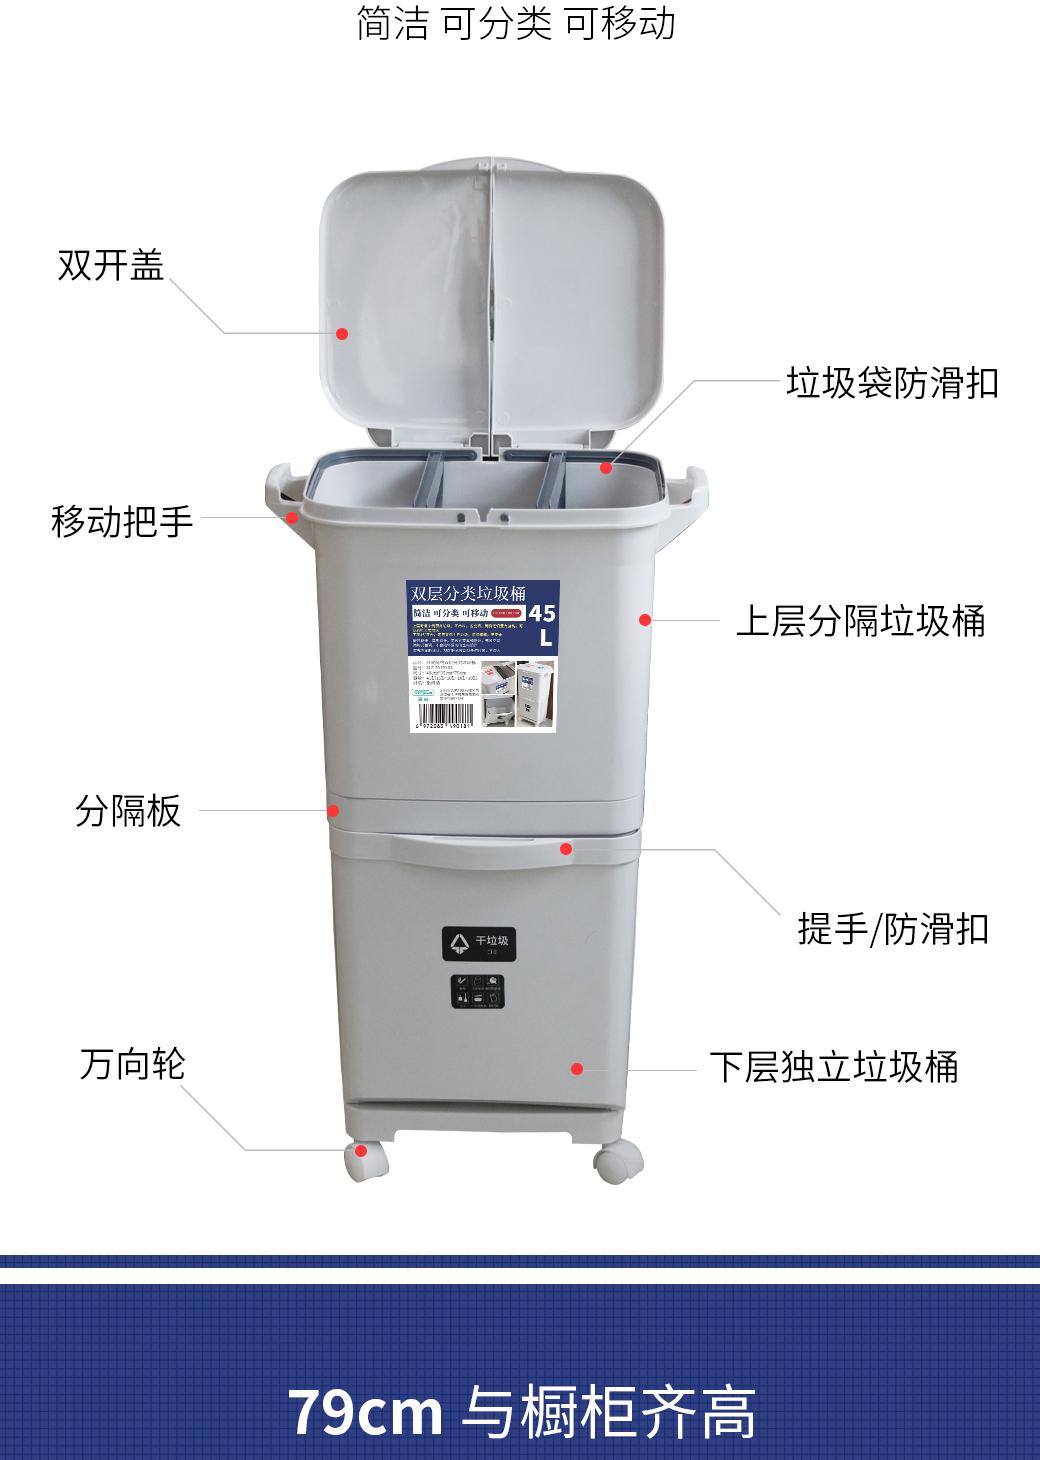 日式简约双层分类垃圾桶(图3)